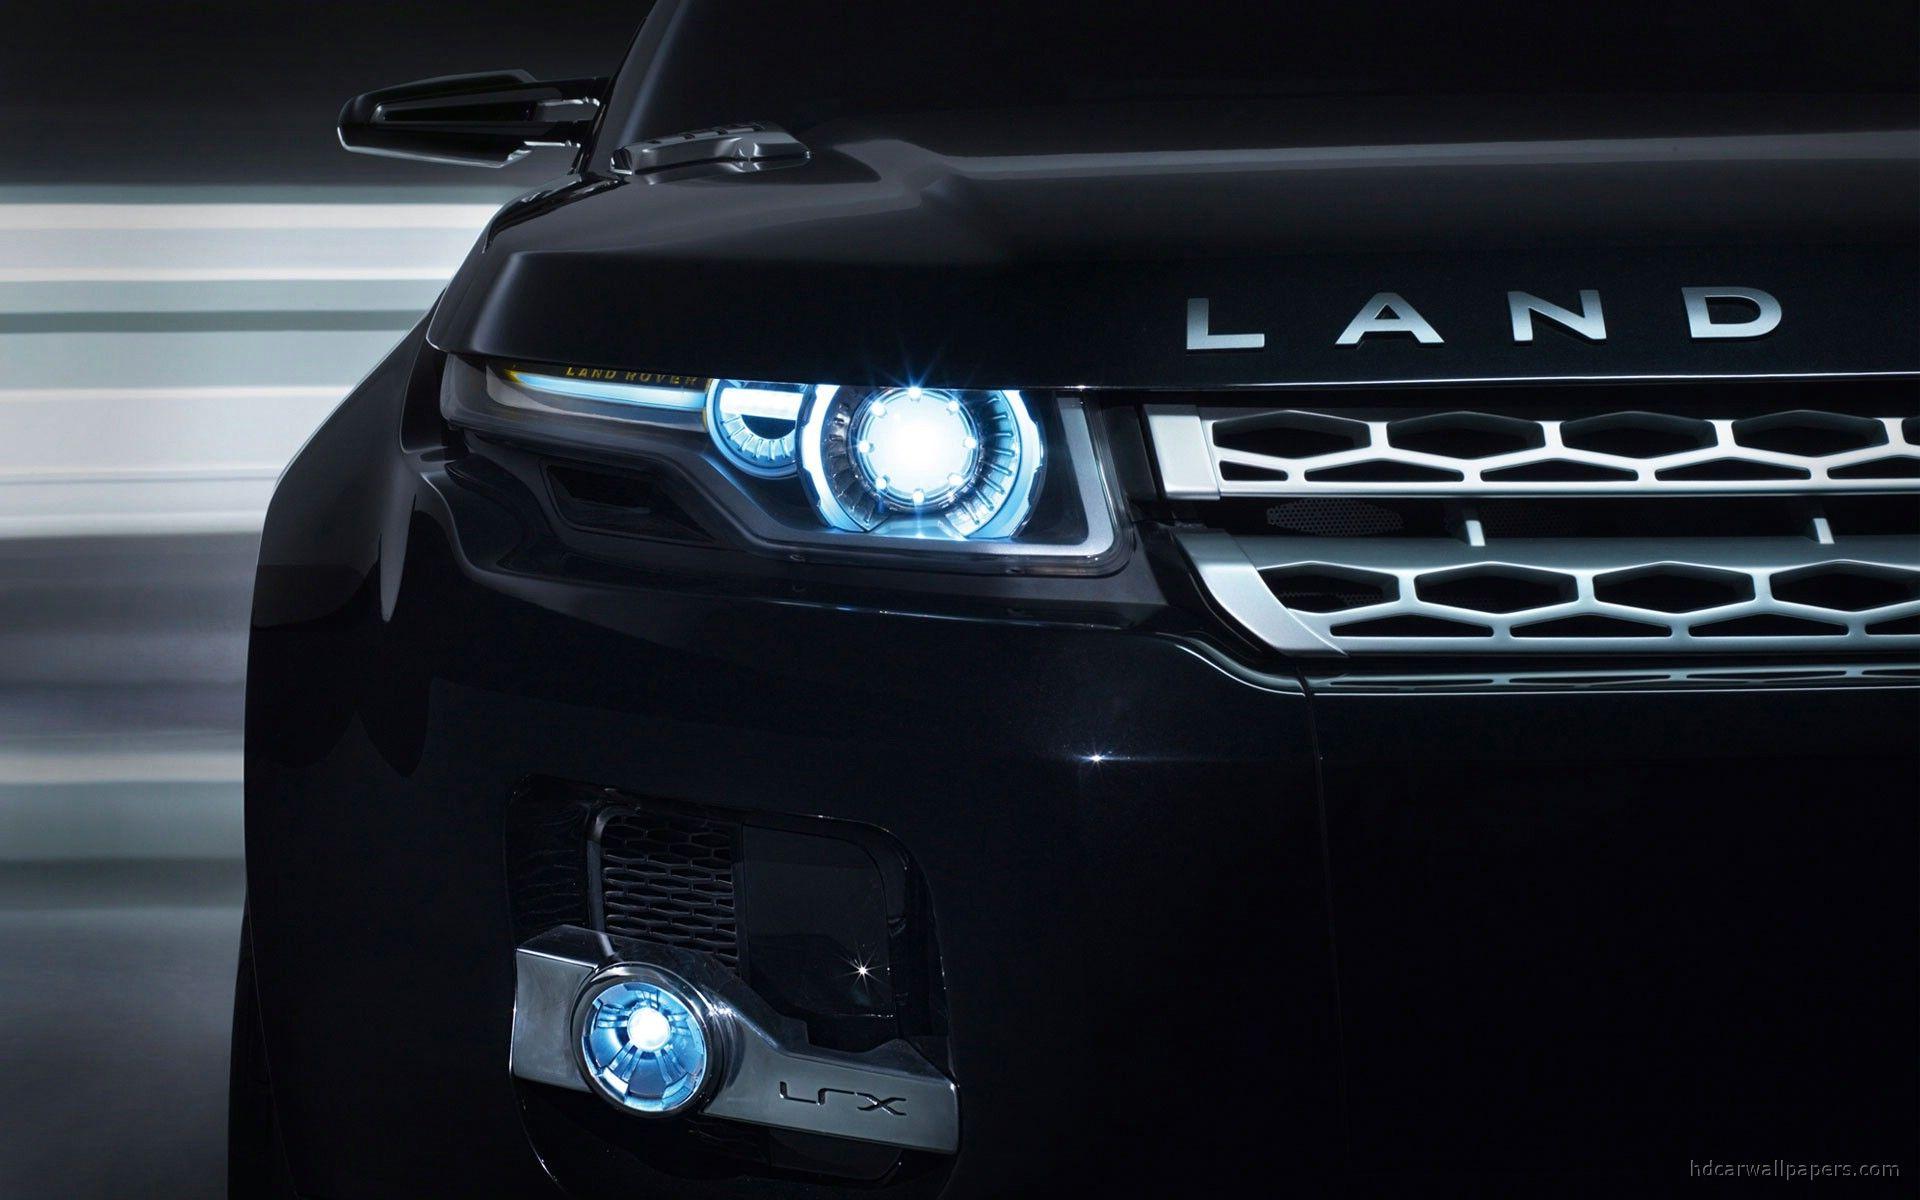 Land Rover Lrx Range Rover Land Rover Range Rover Cars Range